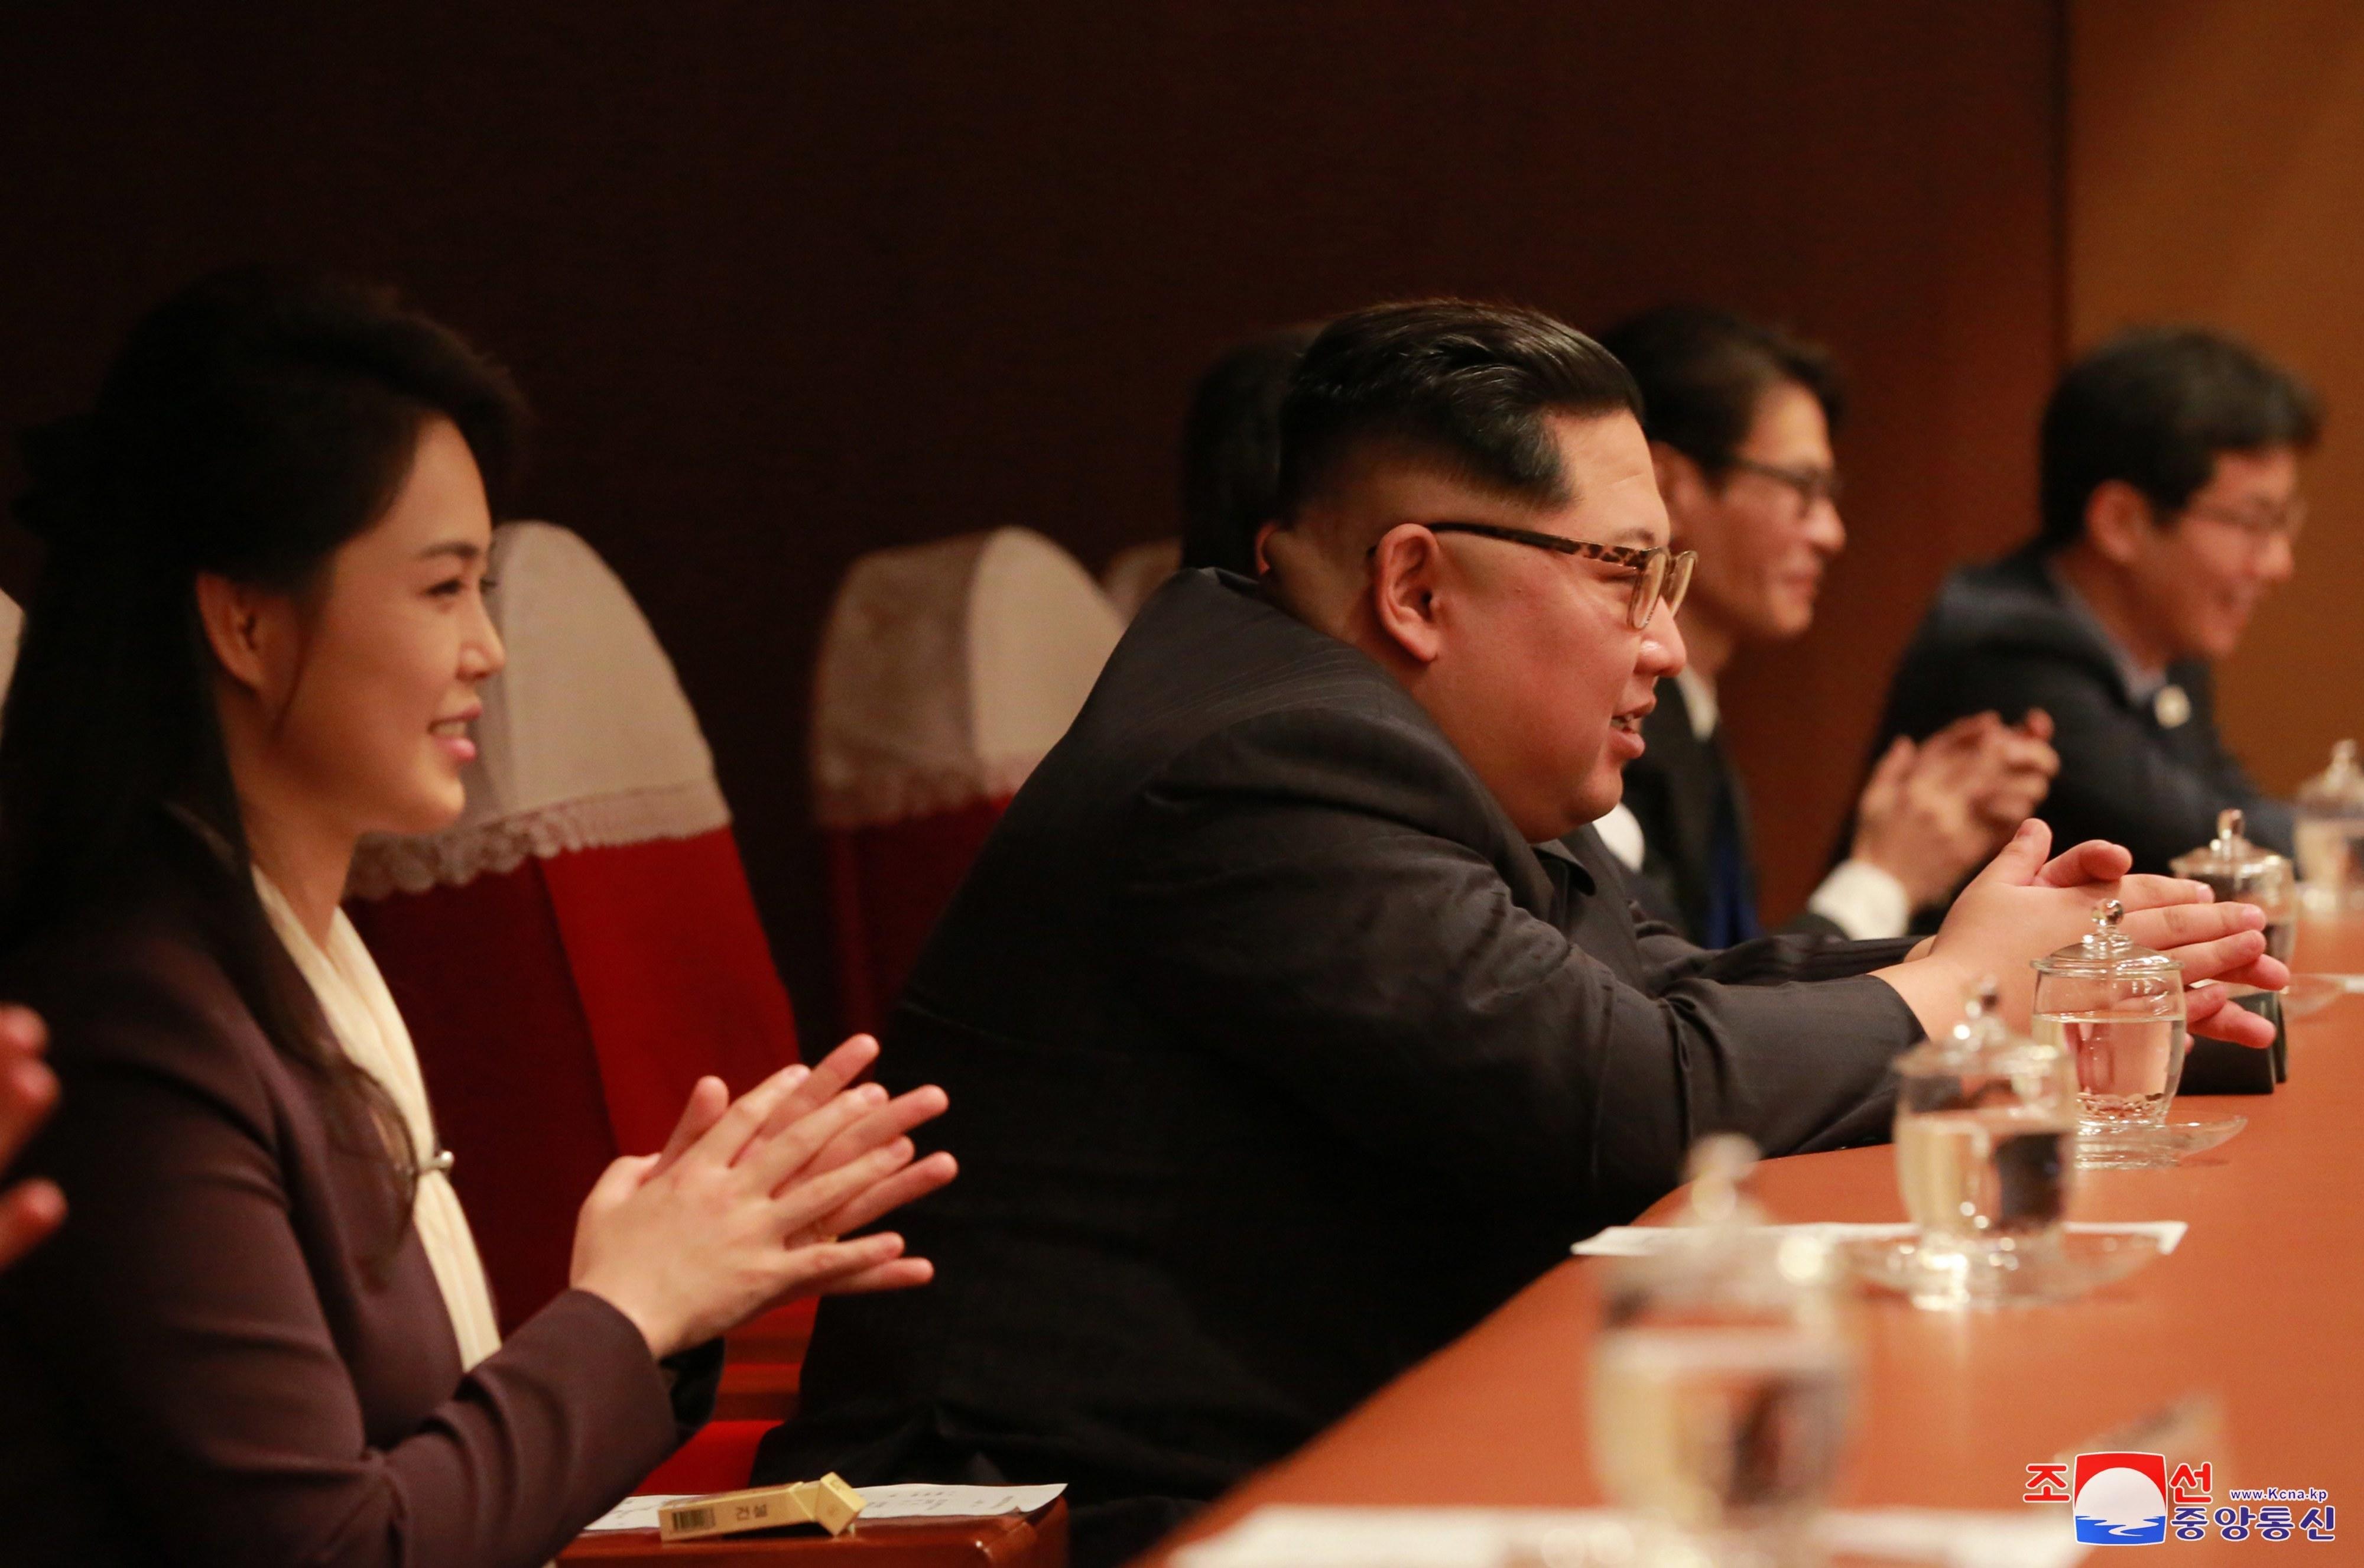 Coreia do Norte considera 'ridículas' críticas dos EUA sobre direitos humanos